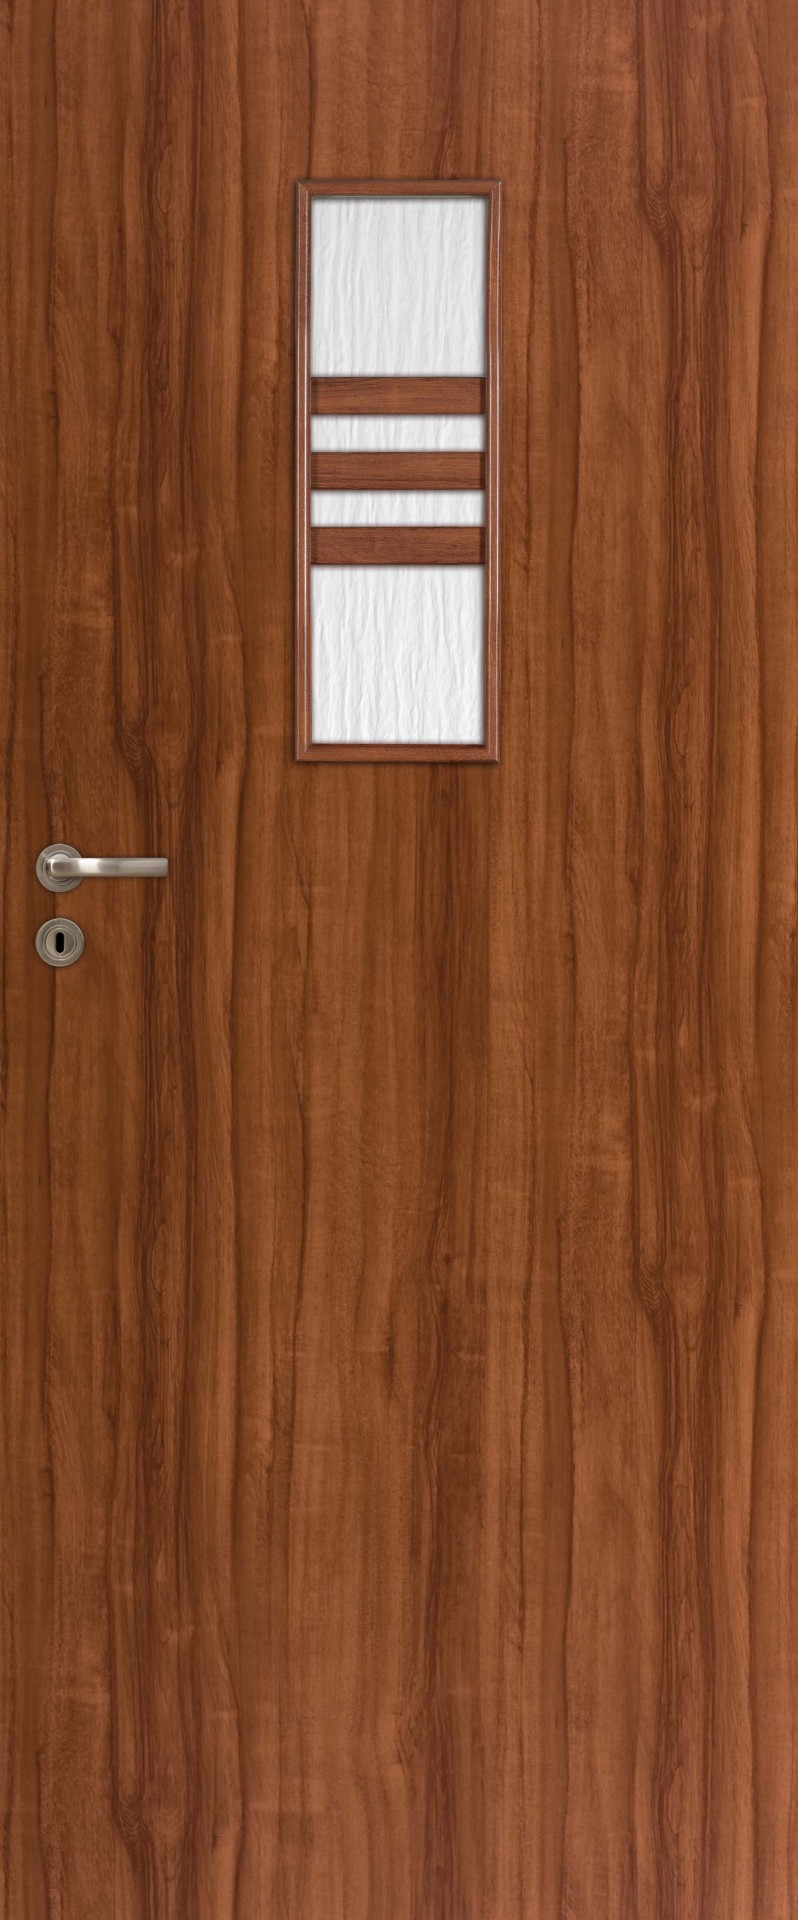 Dre dveře Arte 80, Šíře v cm 80